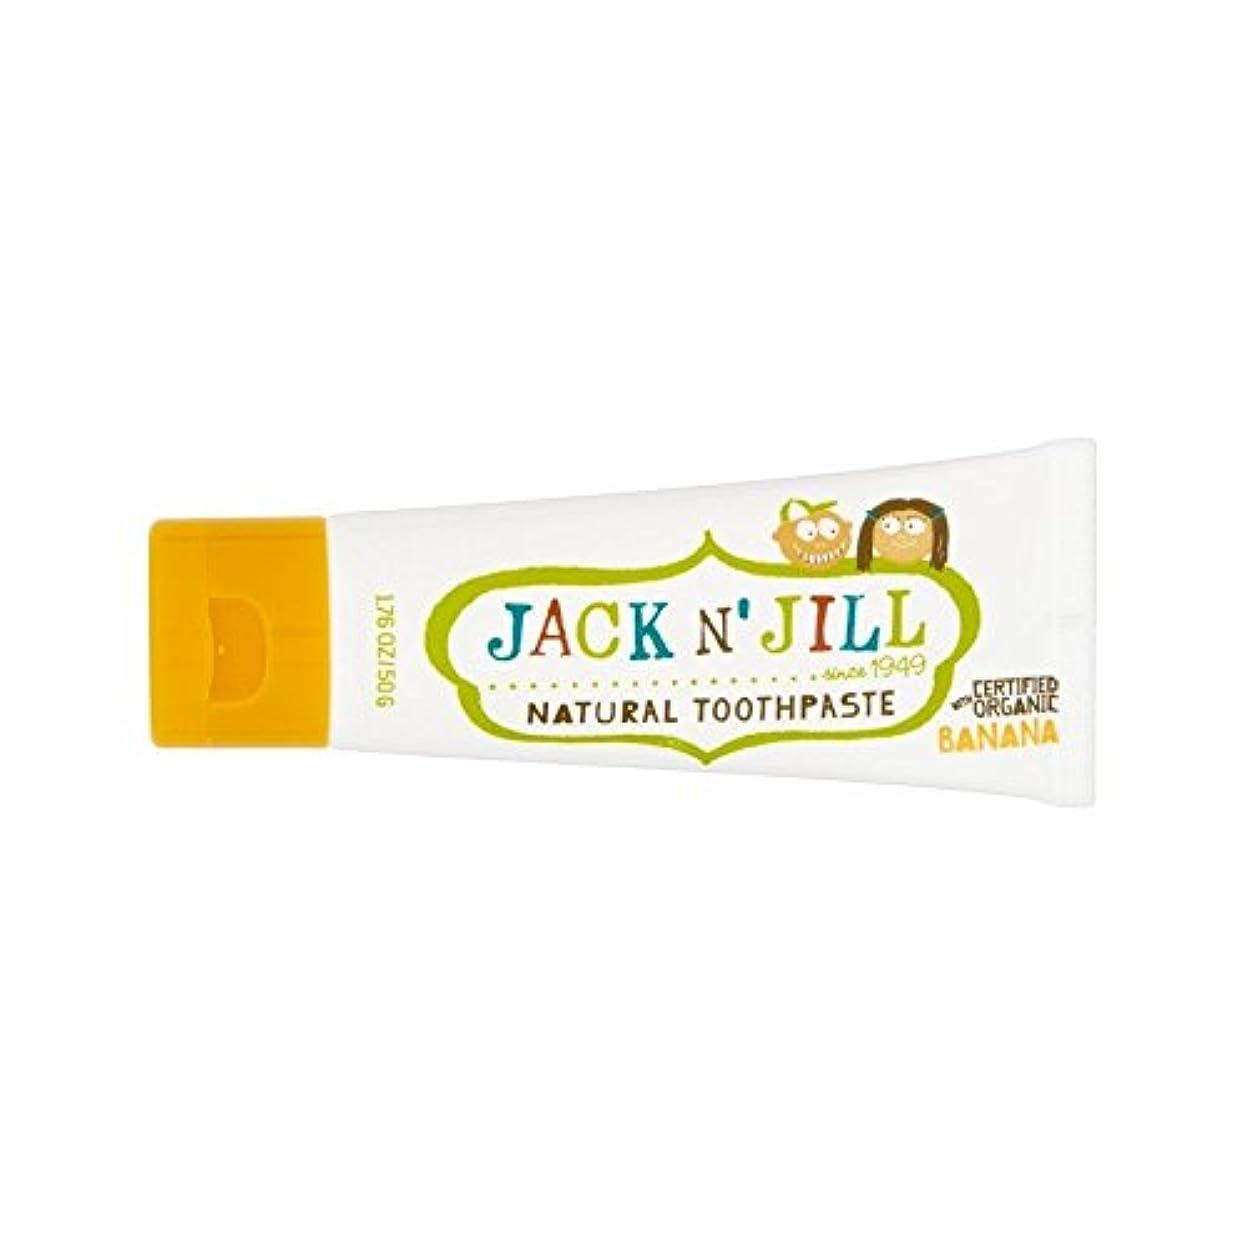 綺麗なアルファベットルーフ有機香味50グラムと自然バナナ歯磨き粉 (Jack N Jill) (x 6) - Jack N' Jill Banana Toothpaste Natural with Organic Flavouring 50g (...